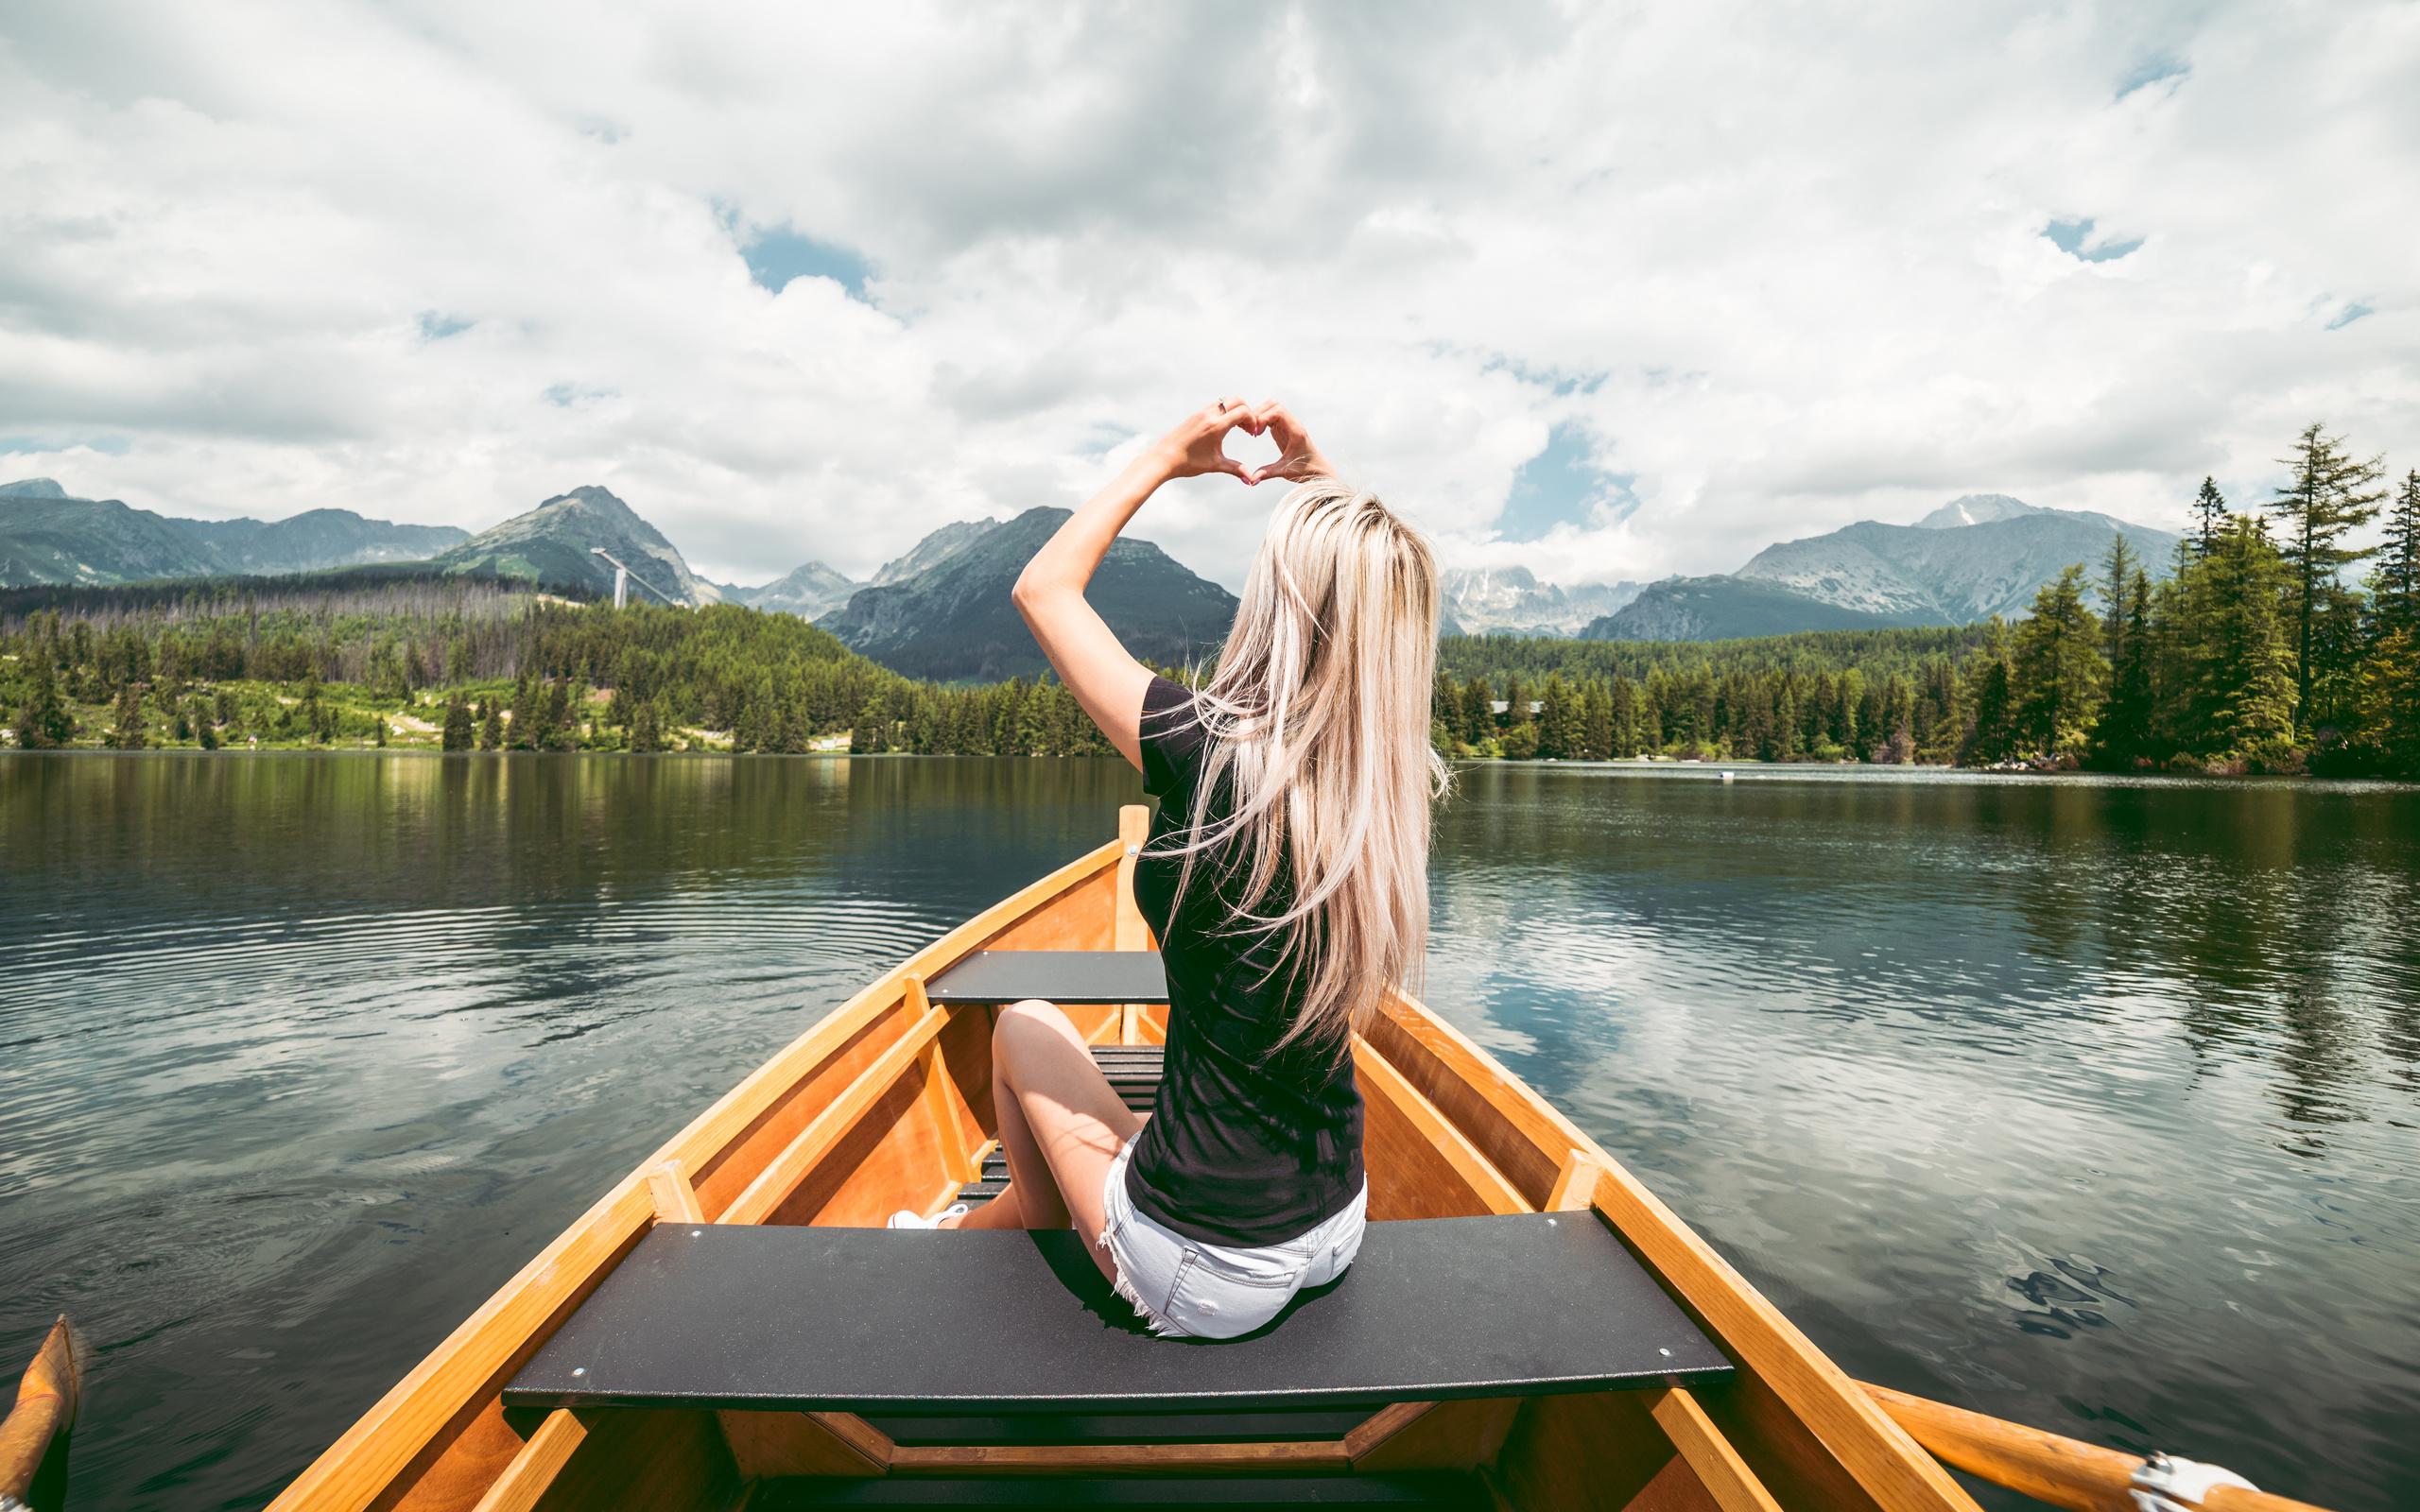 лодка, блондинка, сидит, руки, сердце